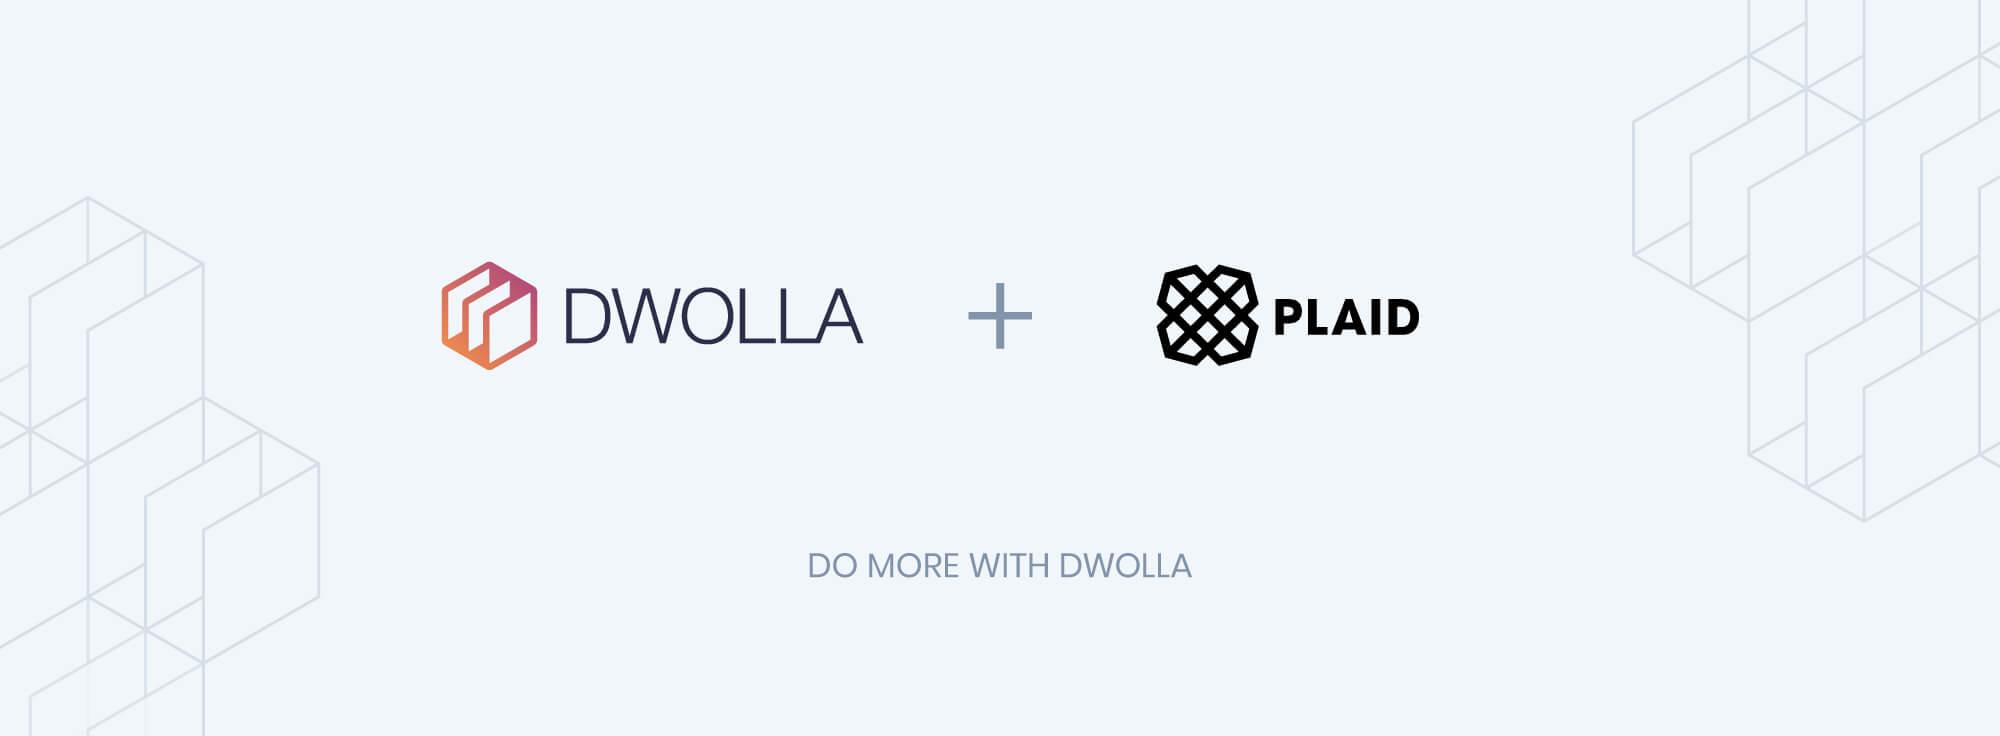 dwolla=+sift